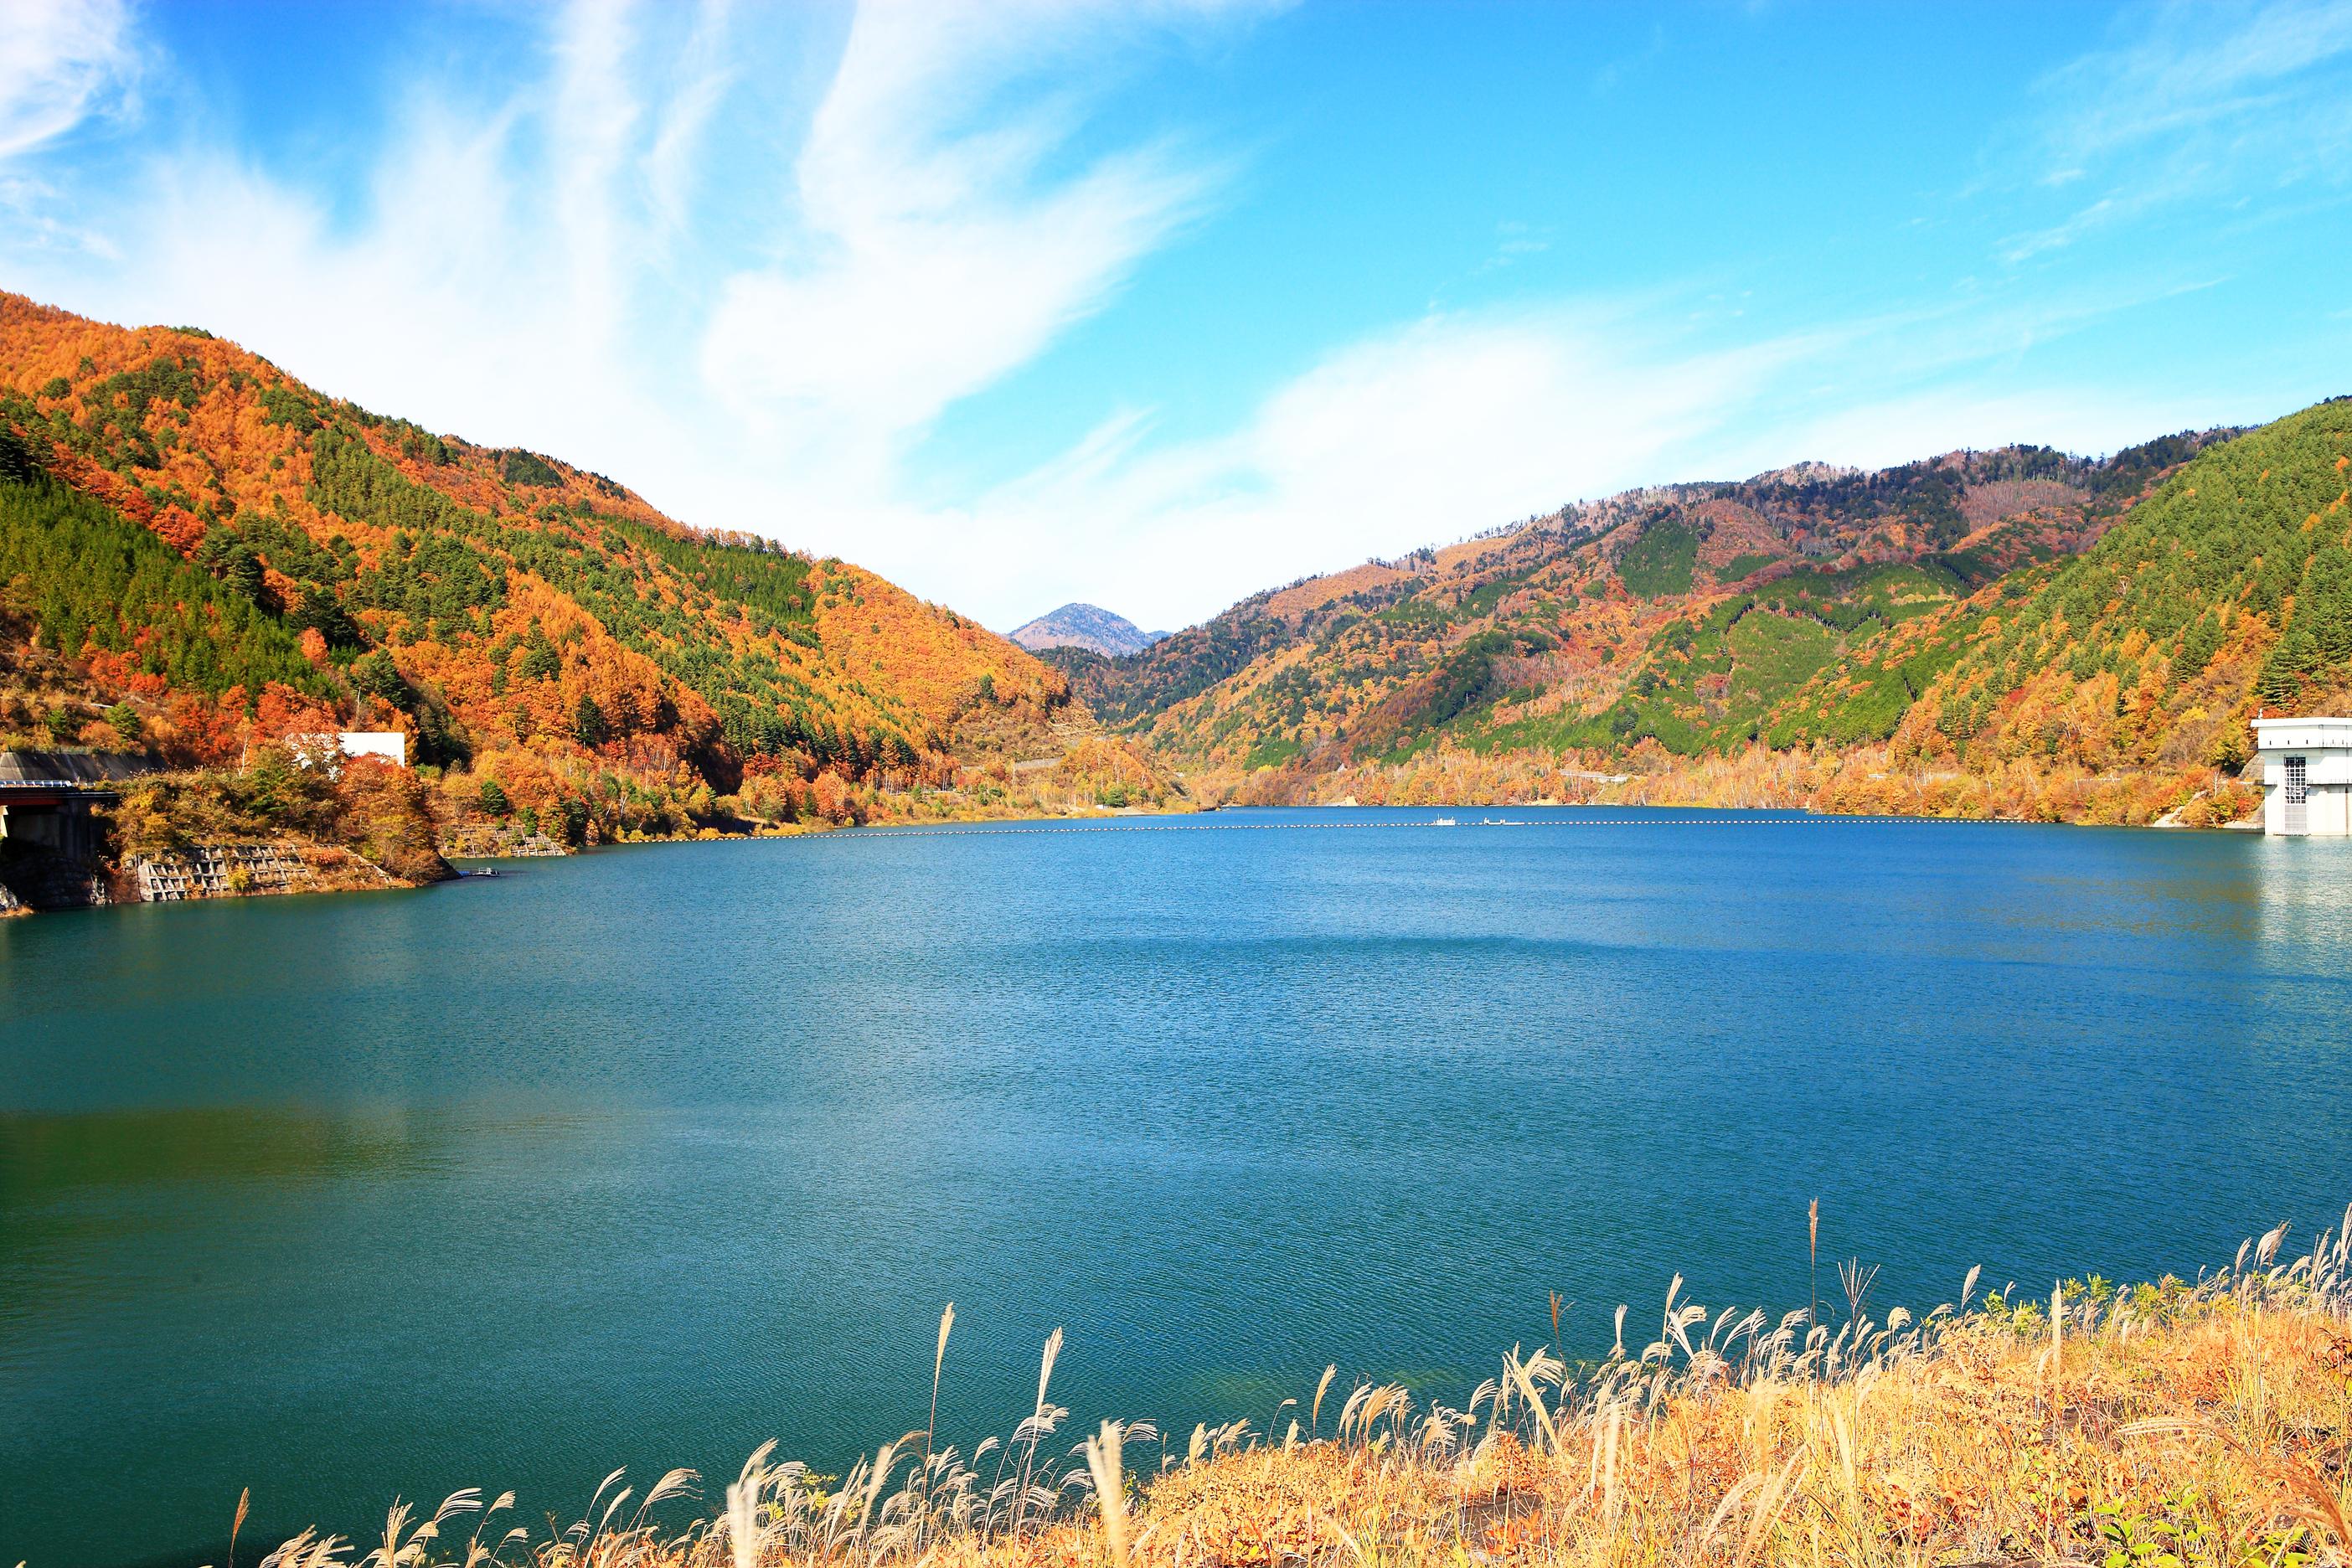 木祖村観光協会おすすめ!自然に囲まれた村の名所や特産品を紹介!